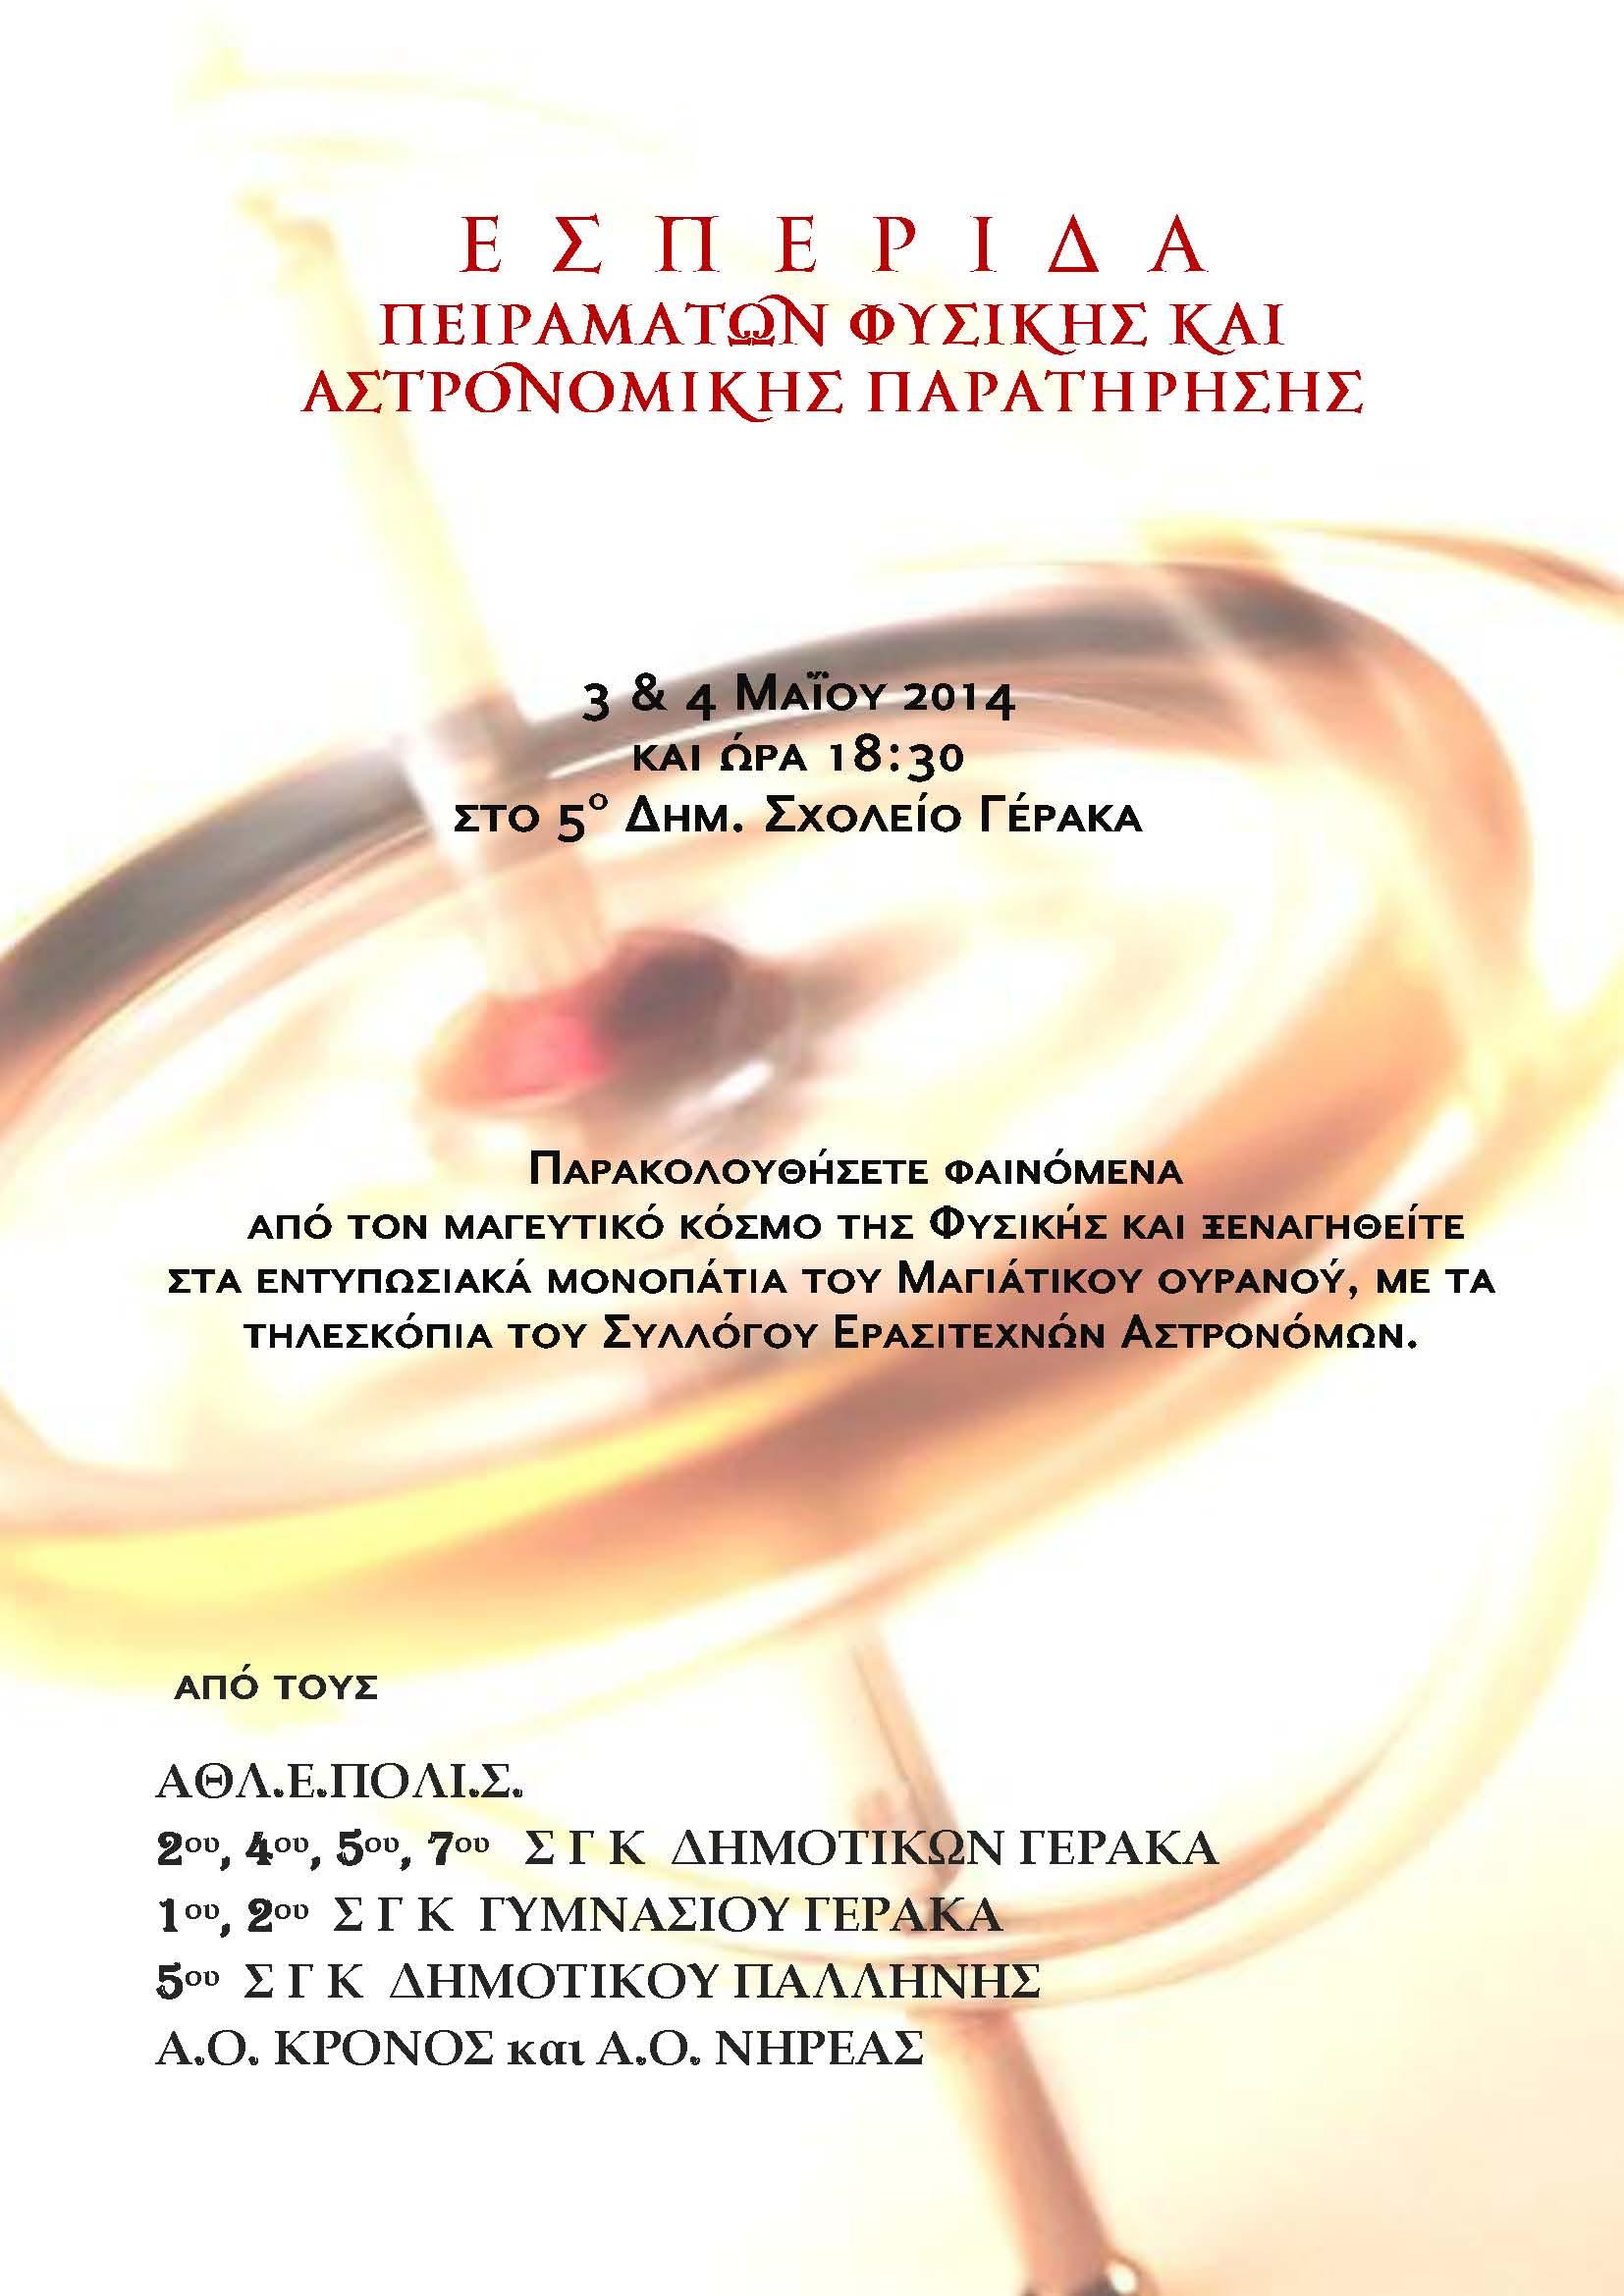 Εσπερίδα Πειραμάτων Φυσικής και Αστρονομικής Παρατήρησης.. από το Σωματείο μας